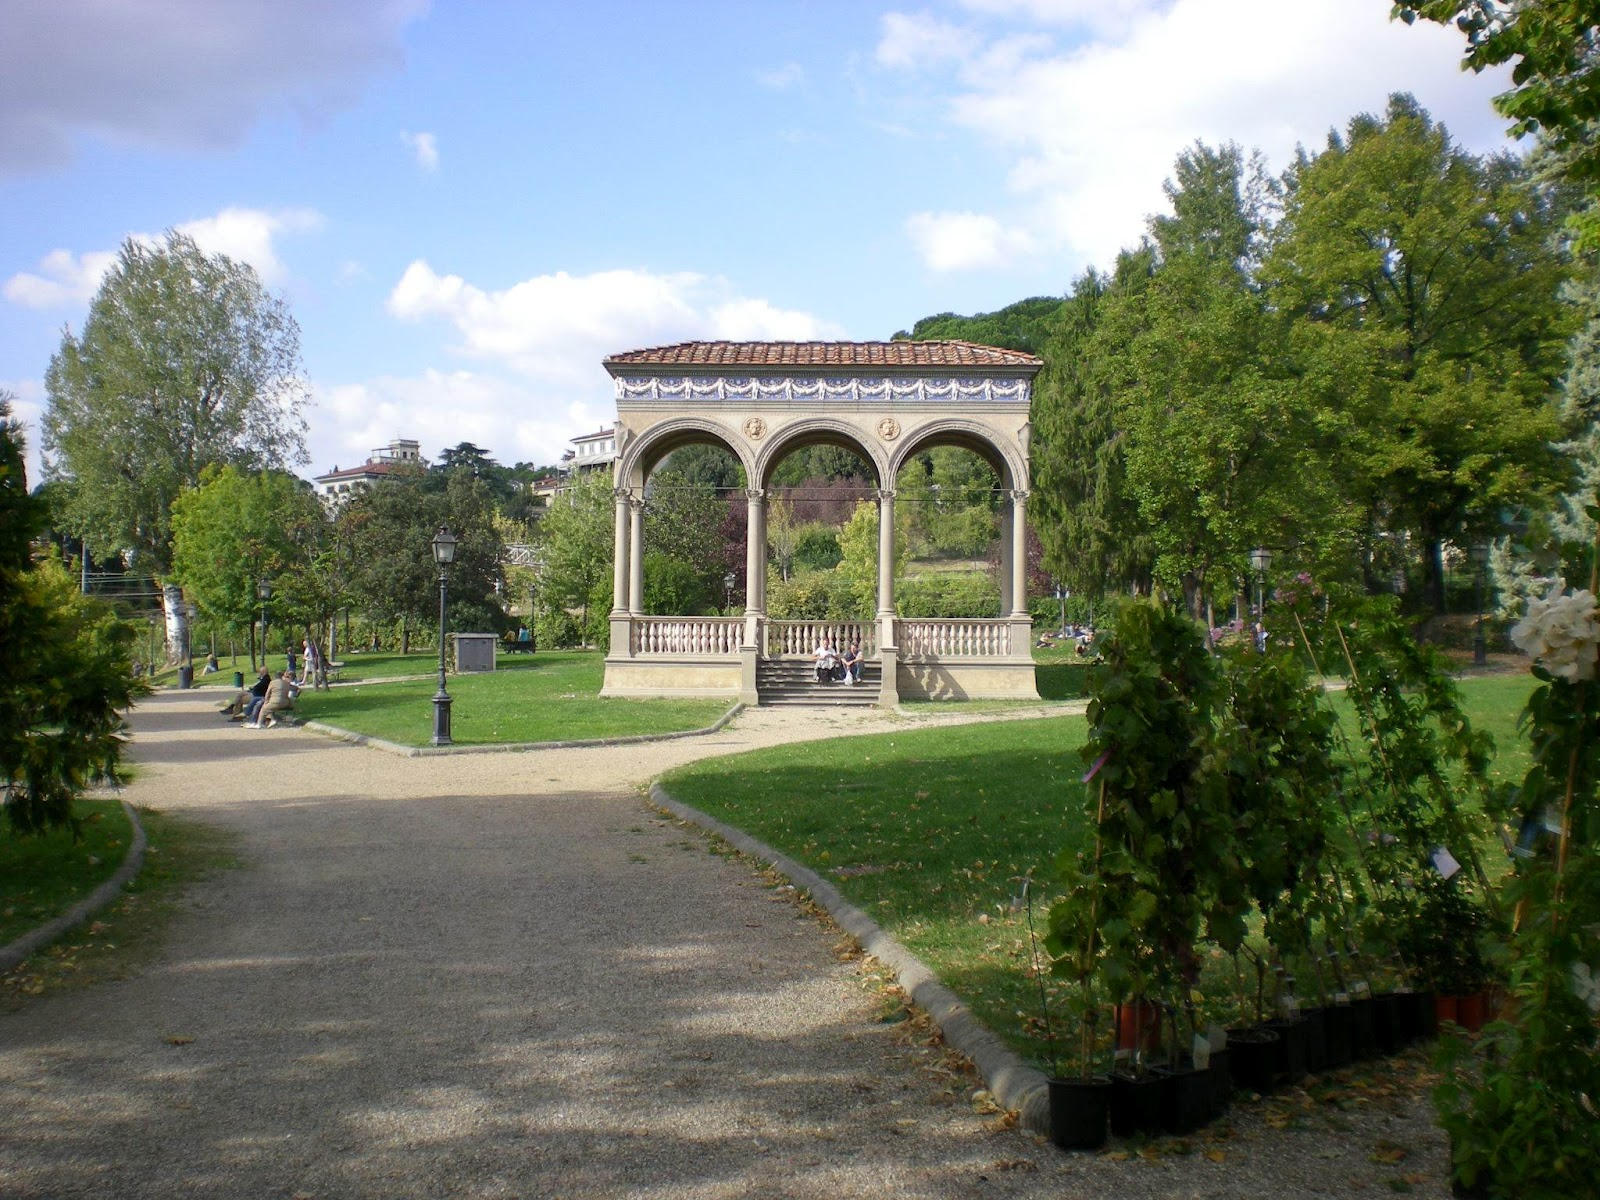 Io amo firenze eventi estivi al giardino dell 39 orticoltura for Giardino orticoltura firenze aperitivo